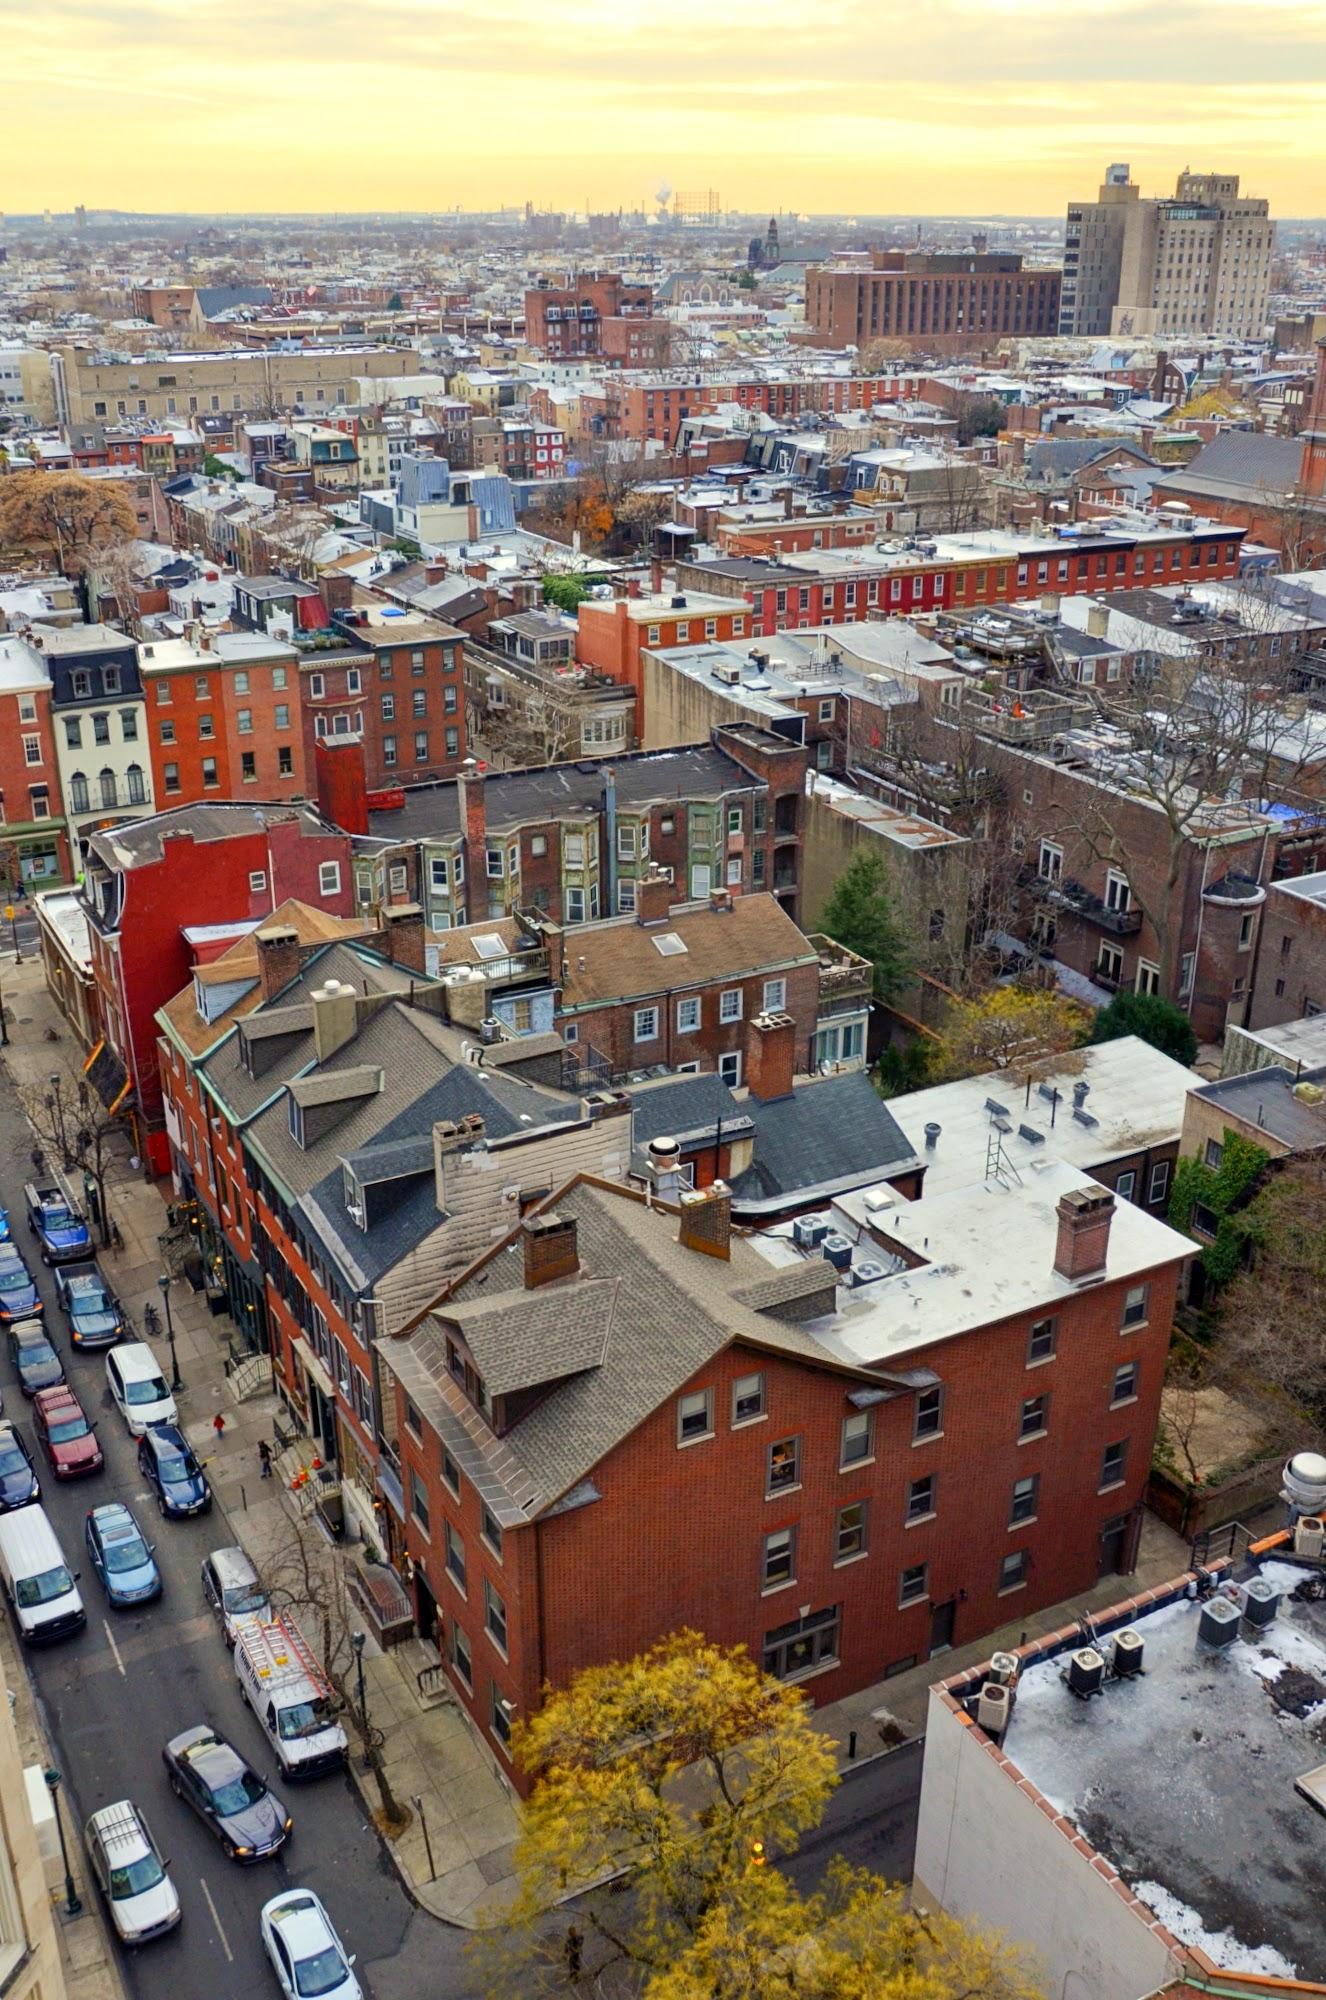 Philadelphia, Locust street philadelphia, St. Mark's Church Philadelphia, philly, buildings, architecture, windows, philadelphia skyline, philadelphia at night, center city philadelphia, south philly, visit philly